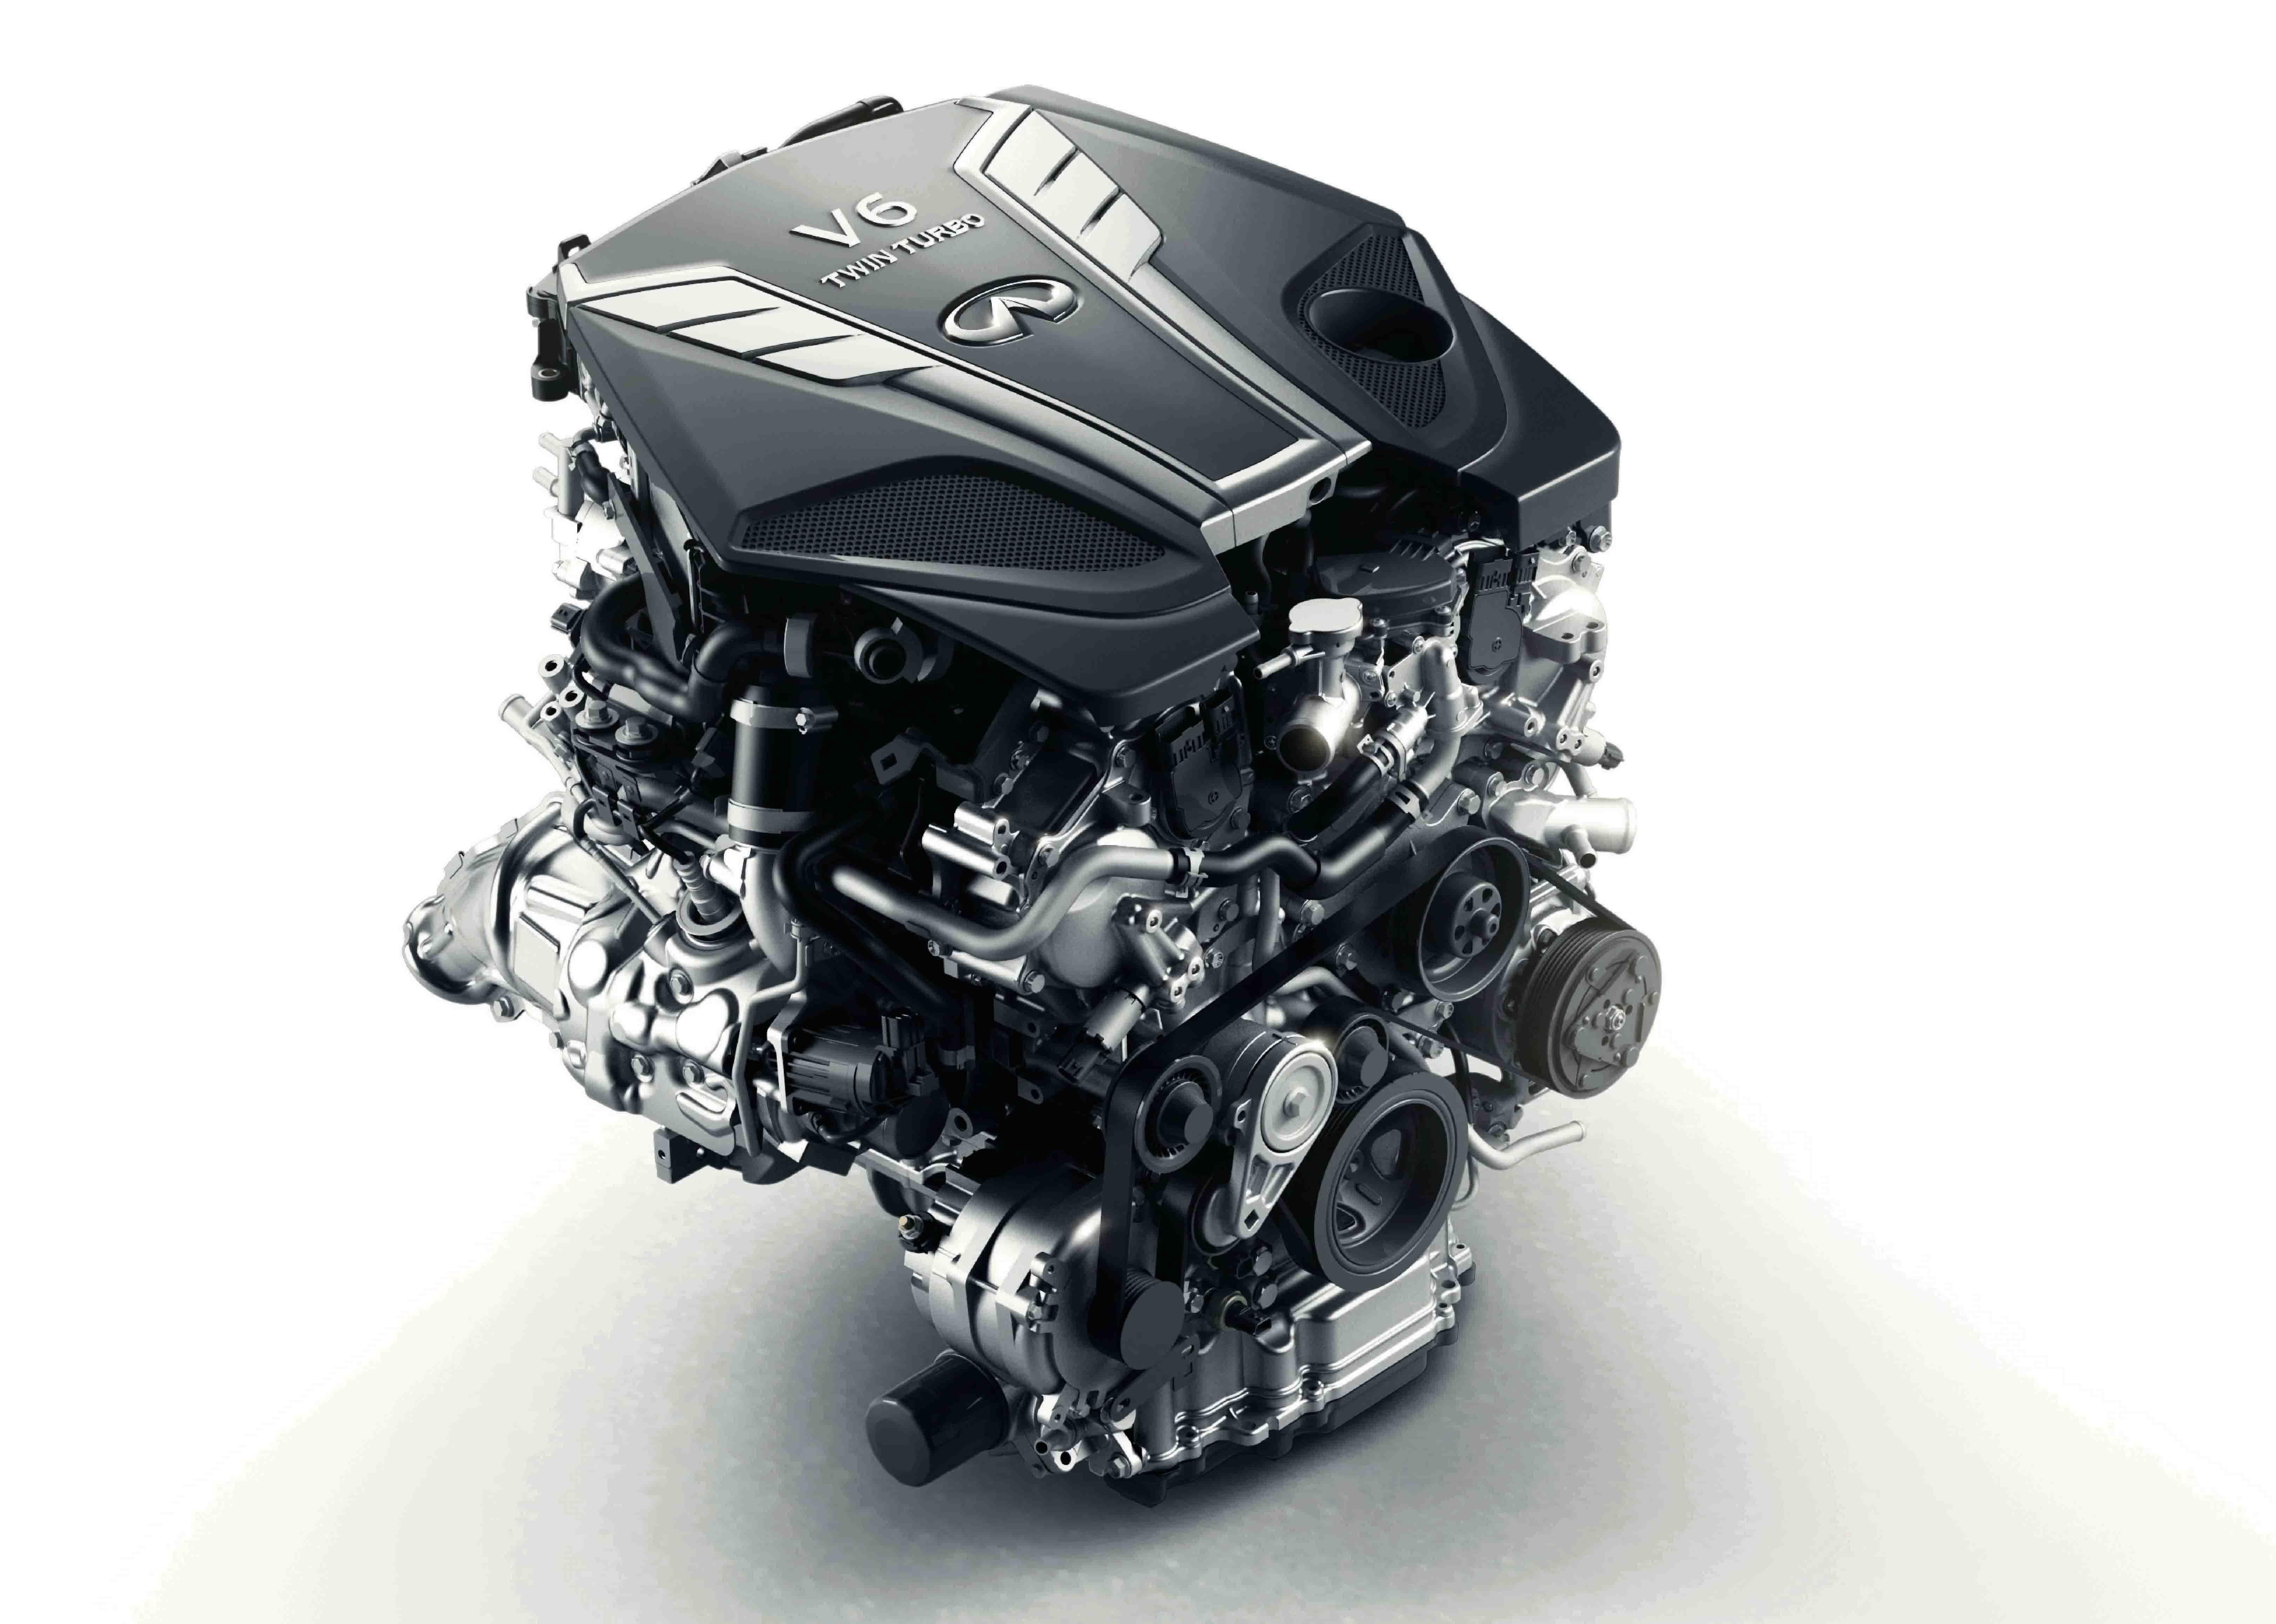 【画像】[SCOOP]スカイラインに自社製400ps超の史上最強エンジン搭載か!?